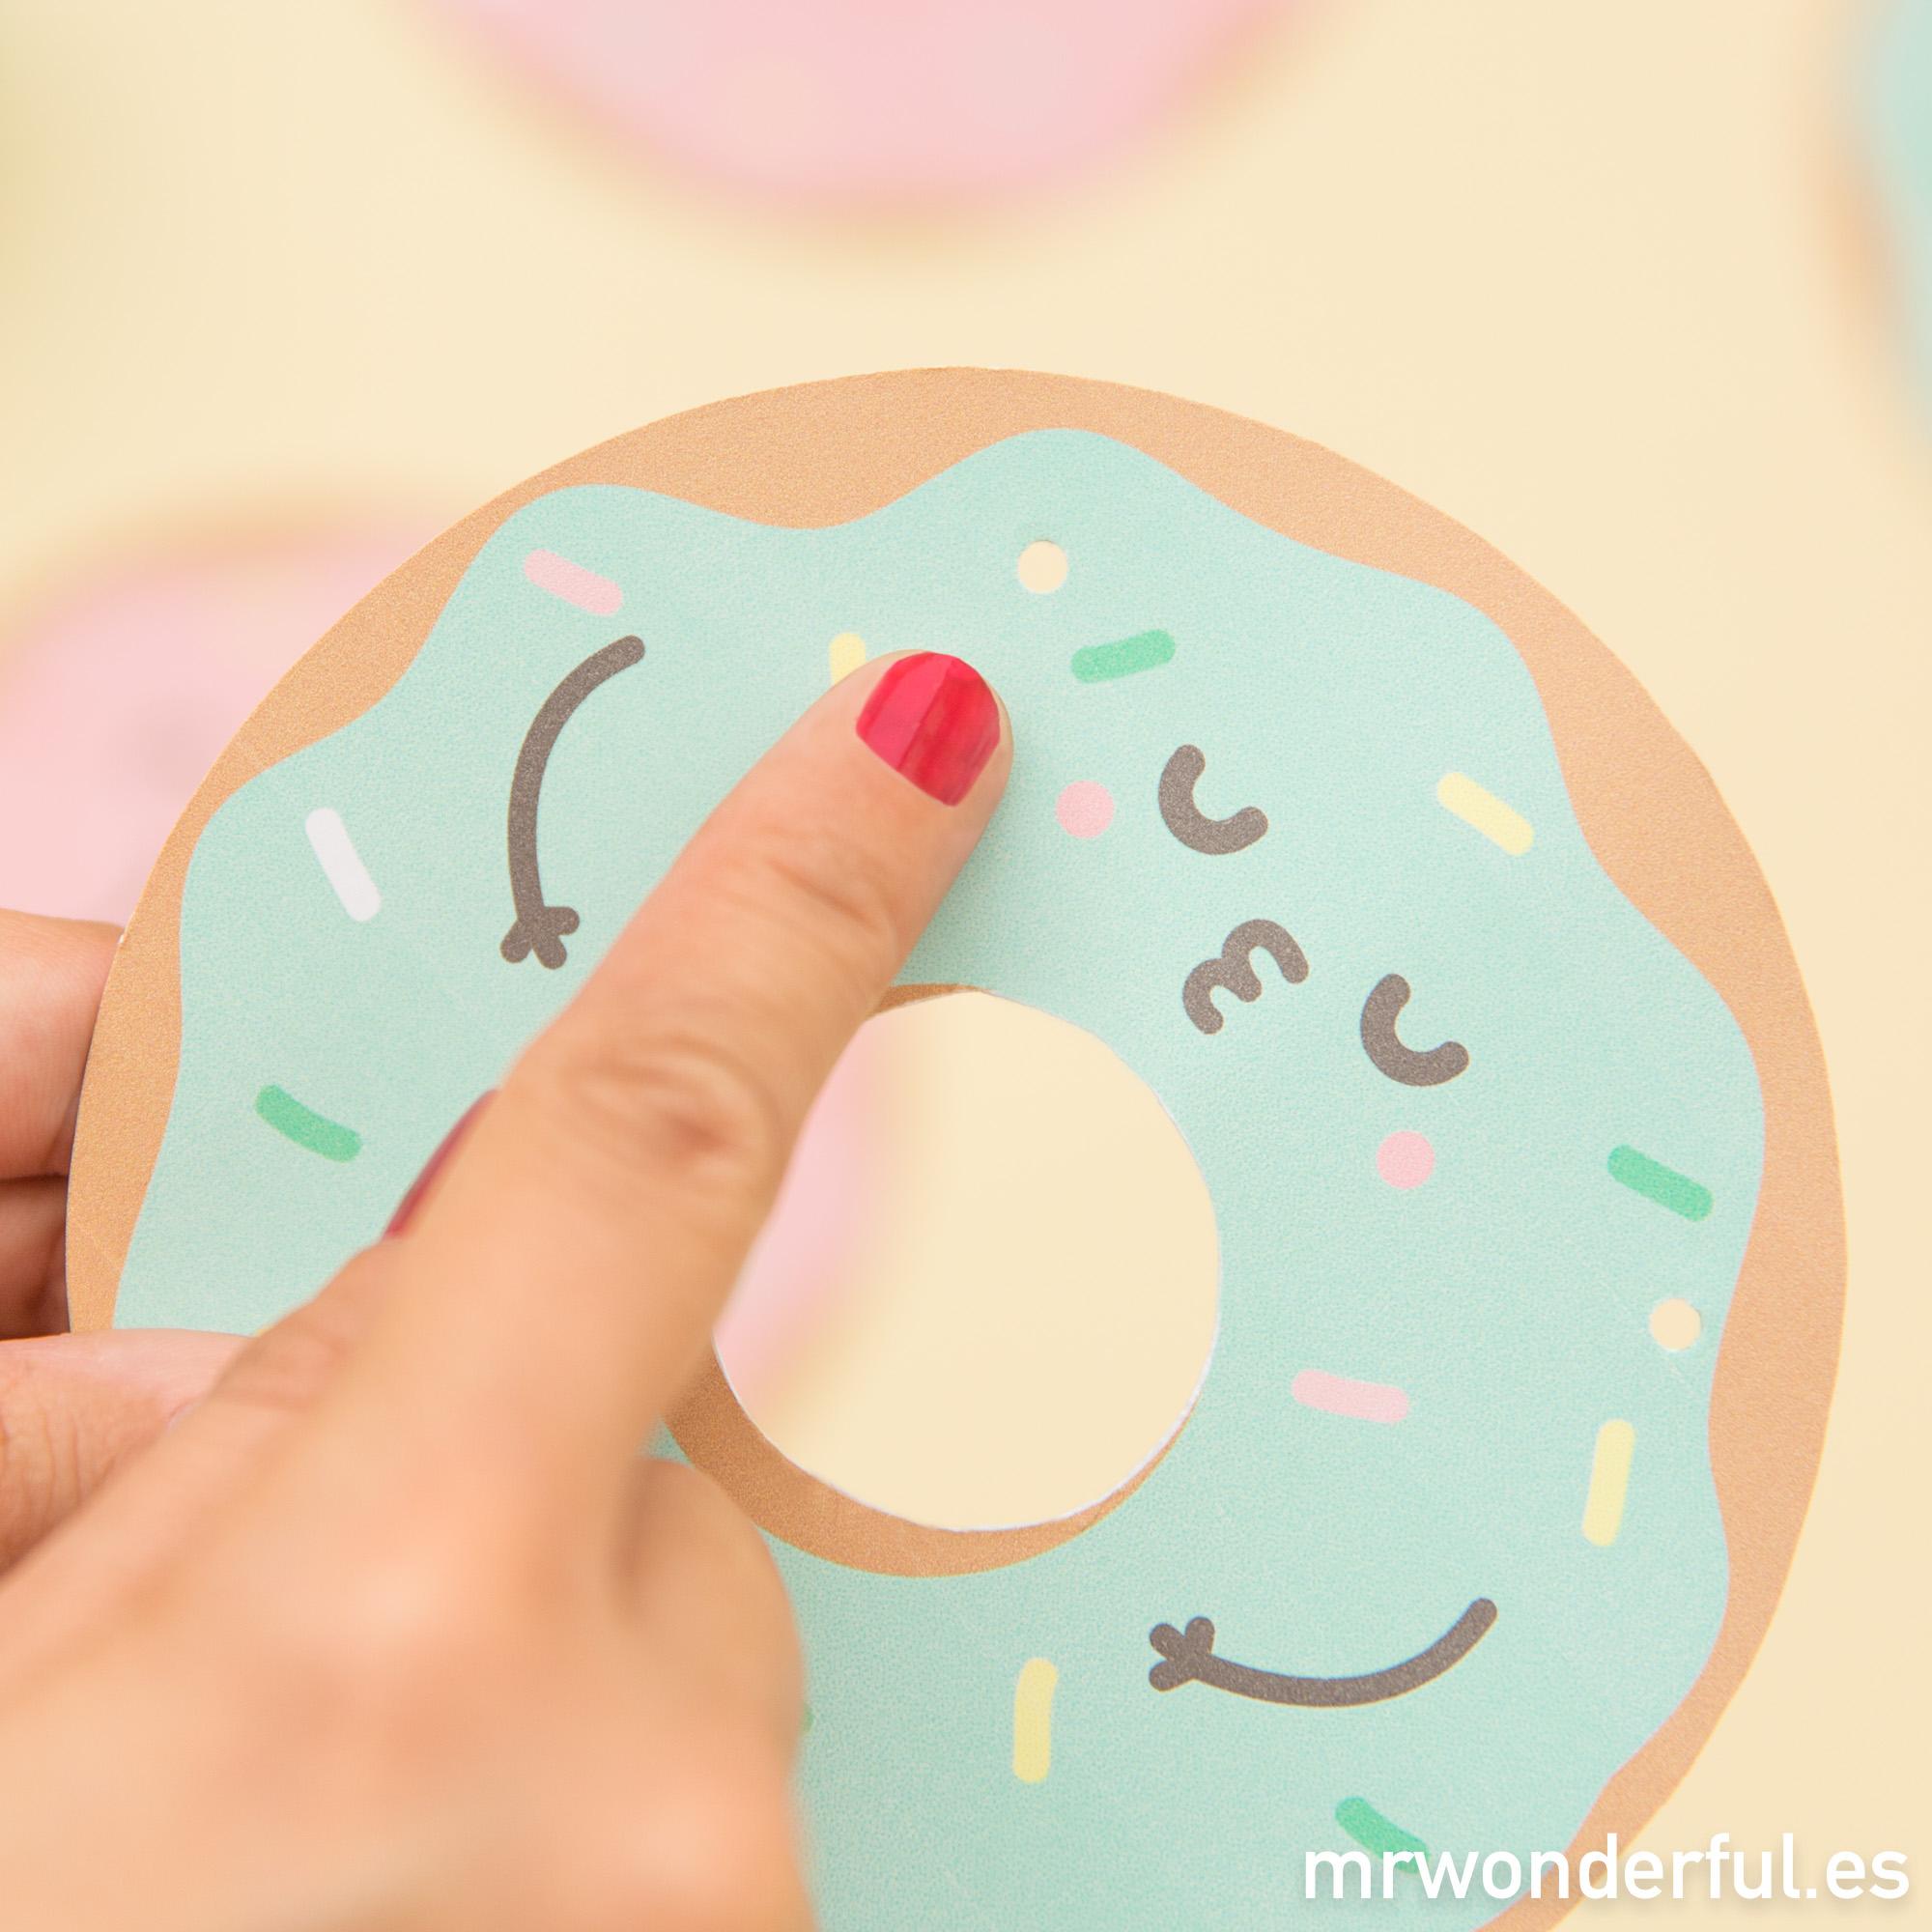 mrwonderful_descargable_banderin-donuts-8-editar